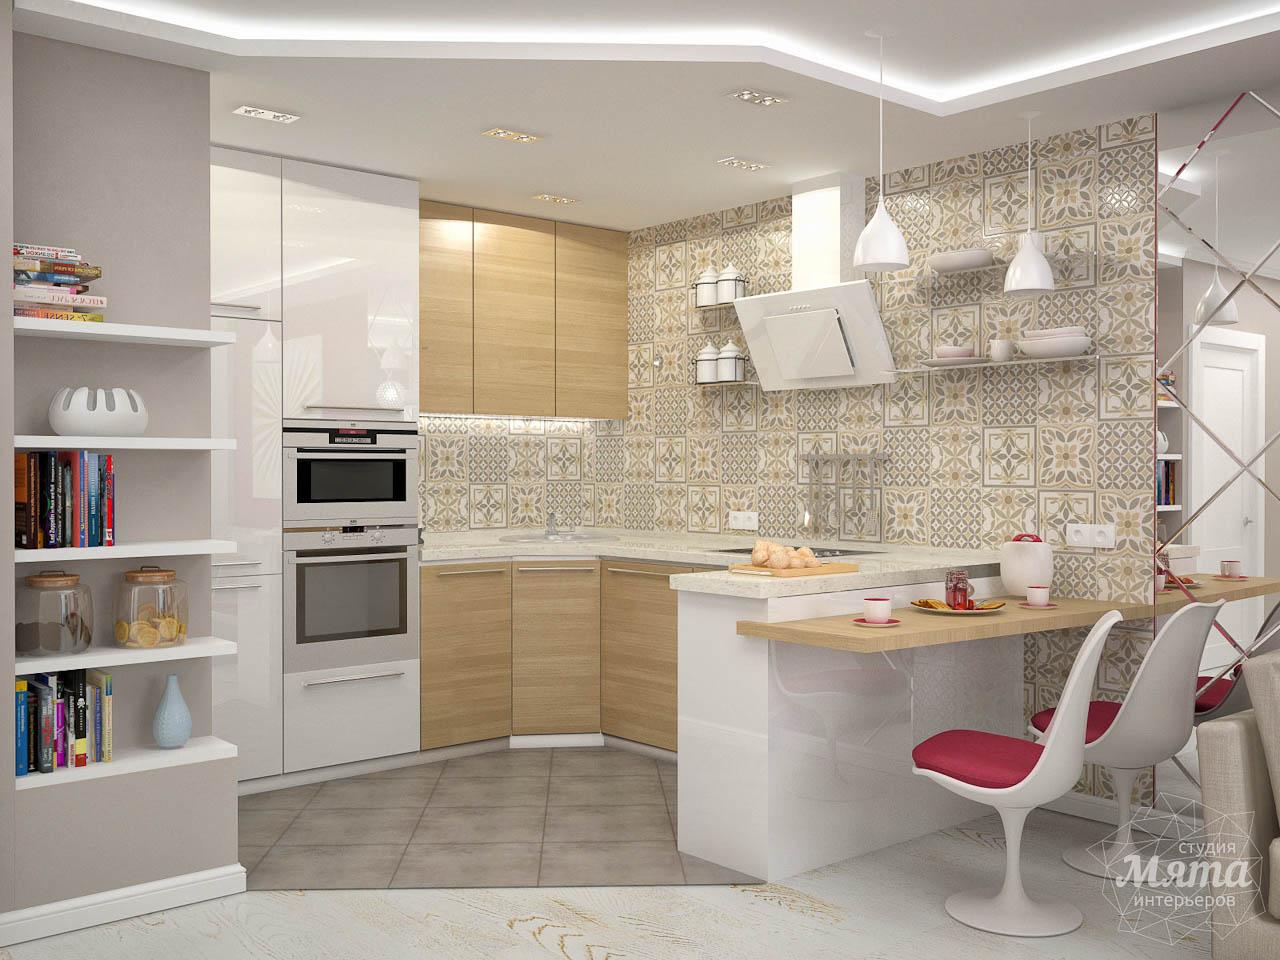 Дизайн интерьера и ремонт трехкомнатной квартиры по ул. Фучика 9 img1784634228